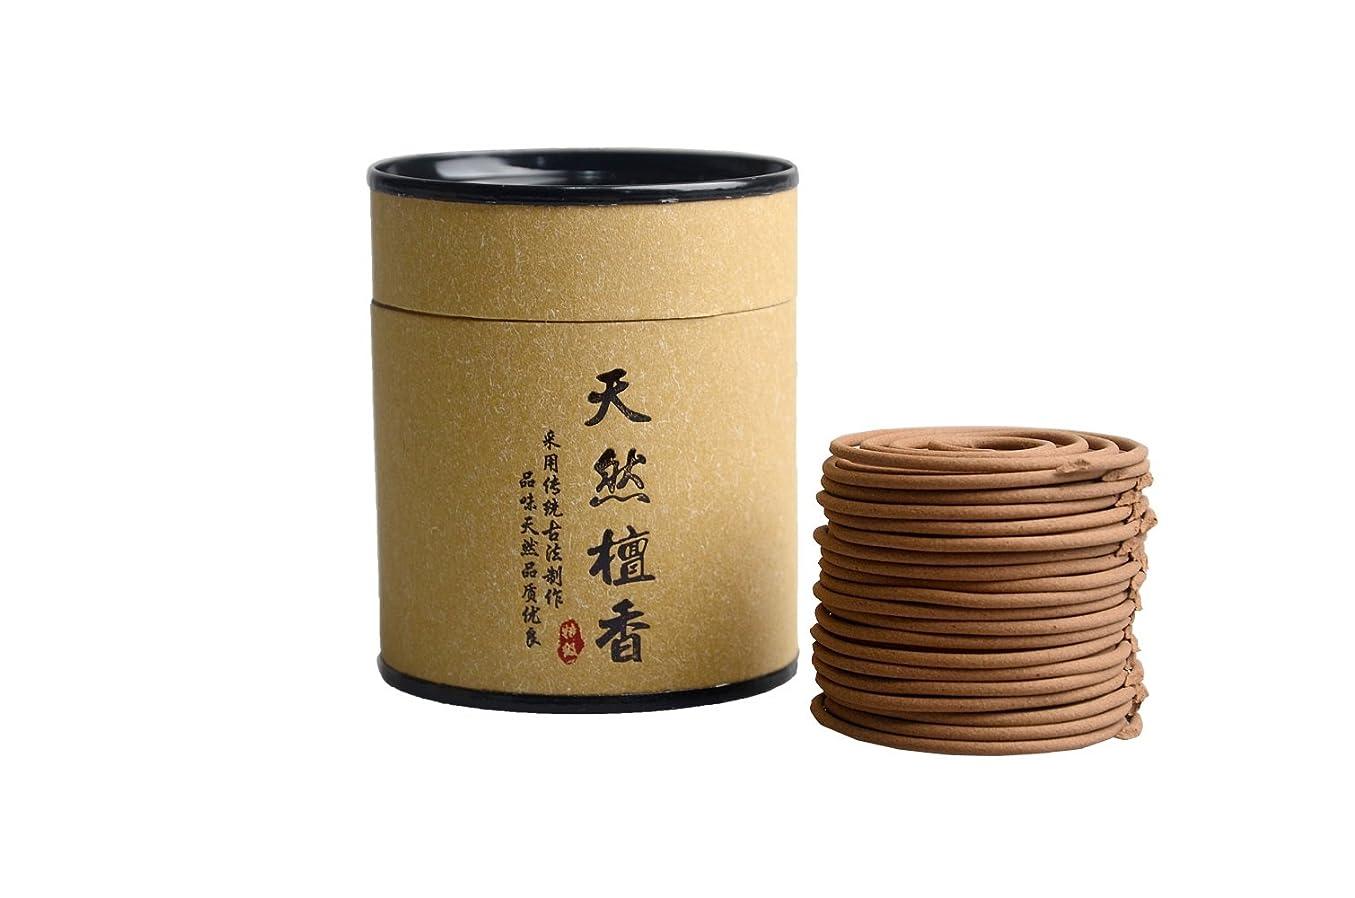 ケントカブ愛Hwagui お香 白檀 優しい香り 渦巻き線香 2時間盤香 40巻入